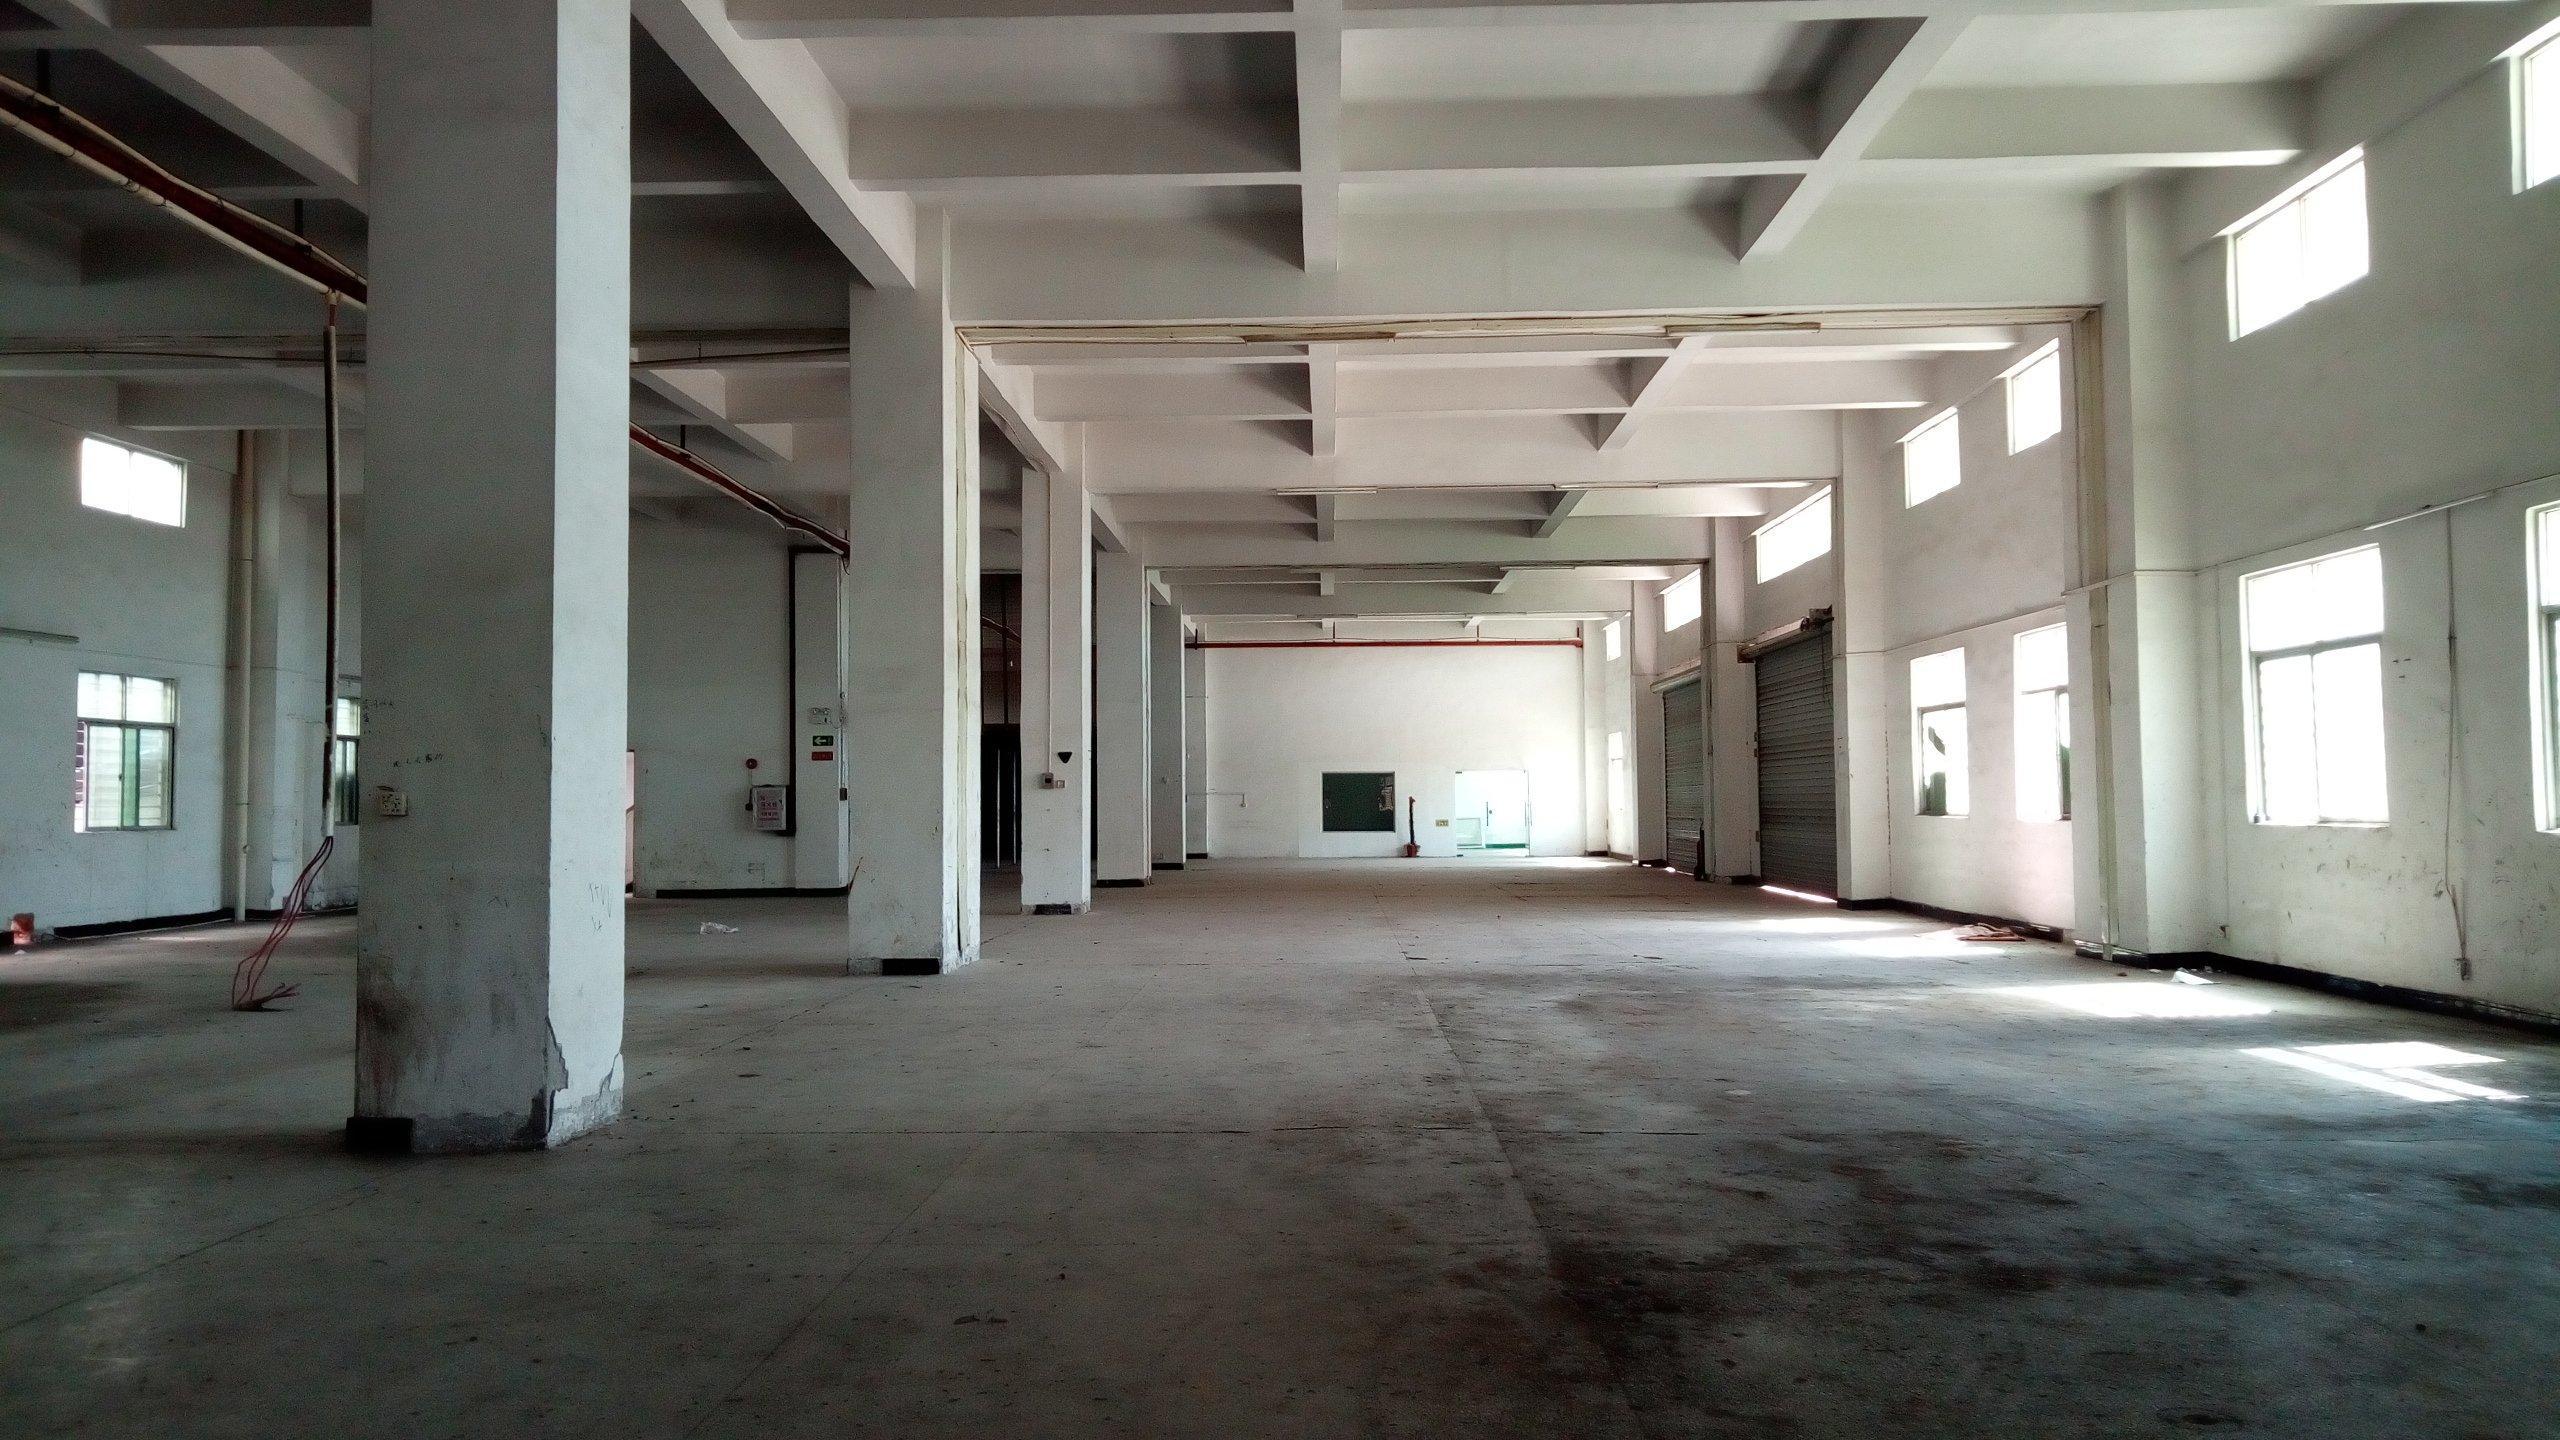 厚街800平方一楼厂房仓库出租层高5.5米利用率高交通方便